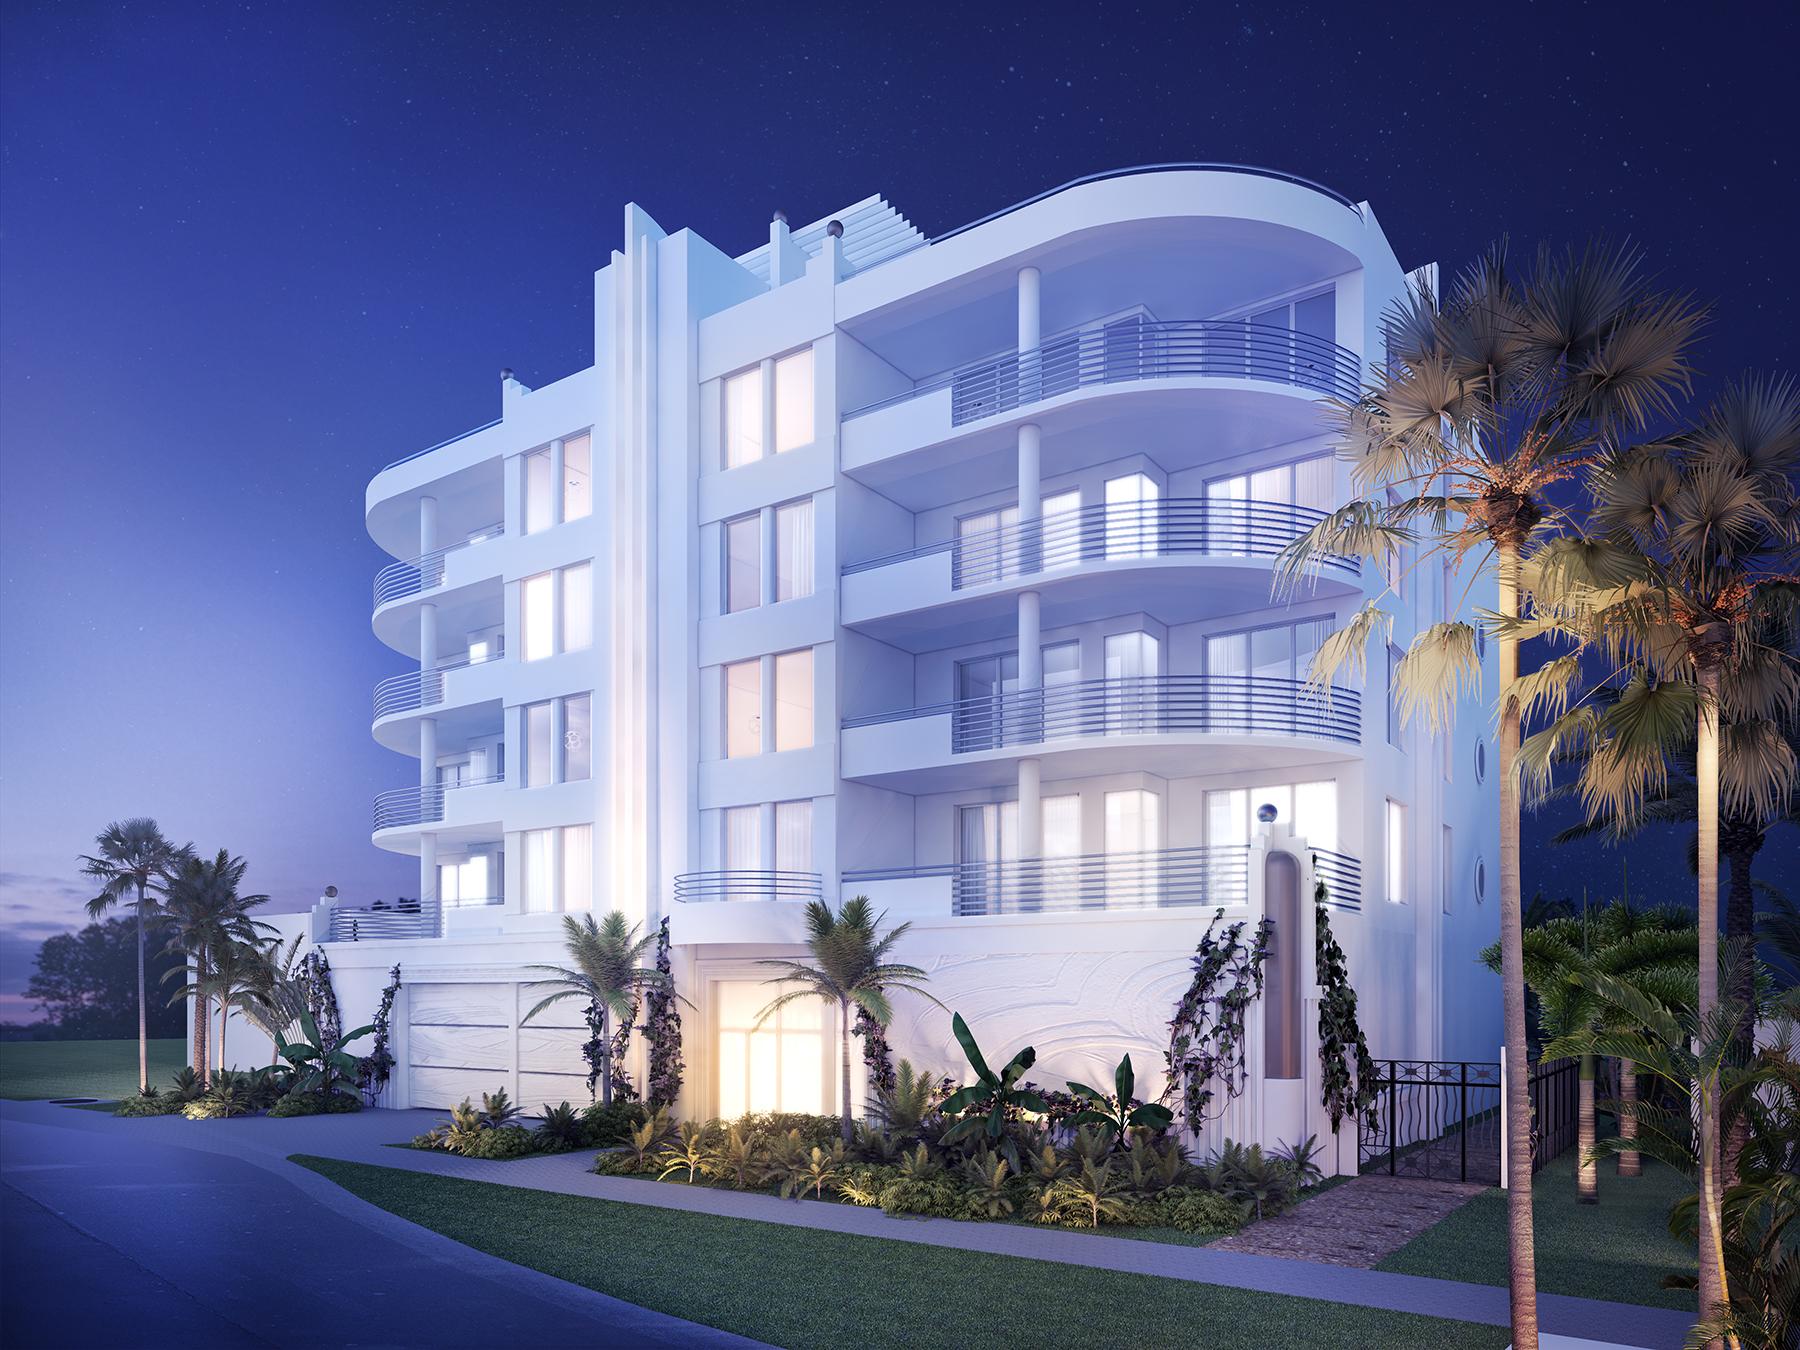 共管式独立产权公寓 为 销售 在 GOLDEN GATE POINT 609 Golden Gate Pt 502 5 萨拉索塔, 佛罗里达州, 34236 美国